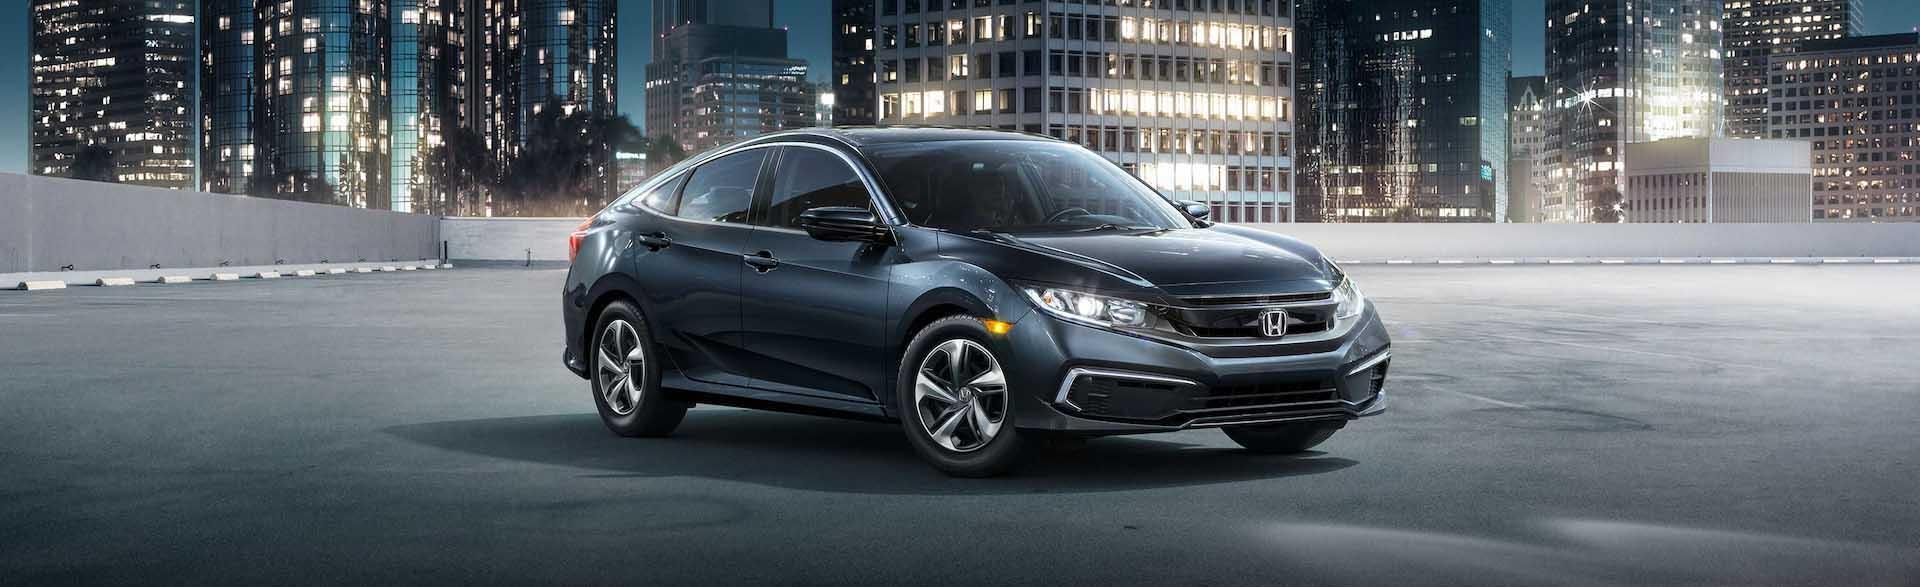 2020 Civic Sedan Models For Sale In Saratoga Springs, New York